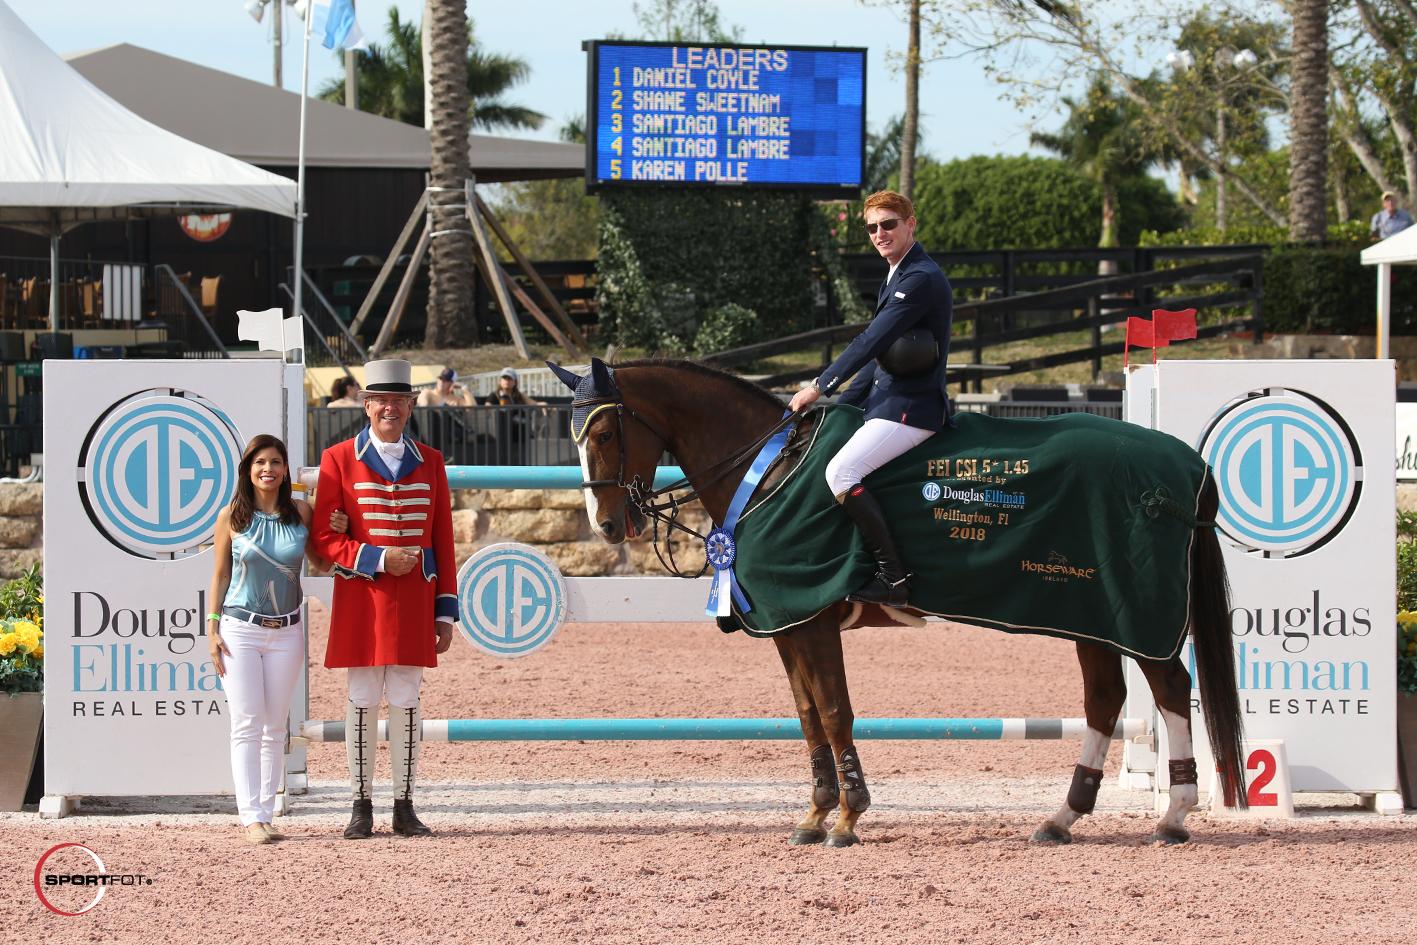 Daniel Coyle and Tienna pres 315_6212 Sportfot